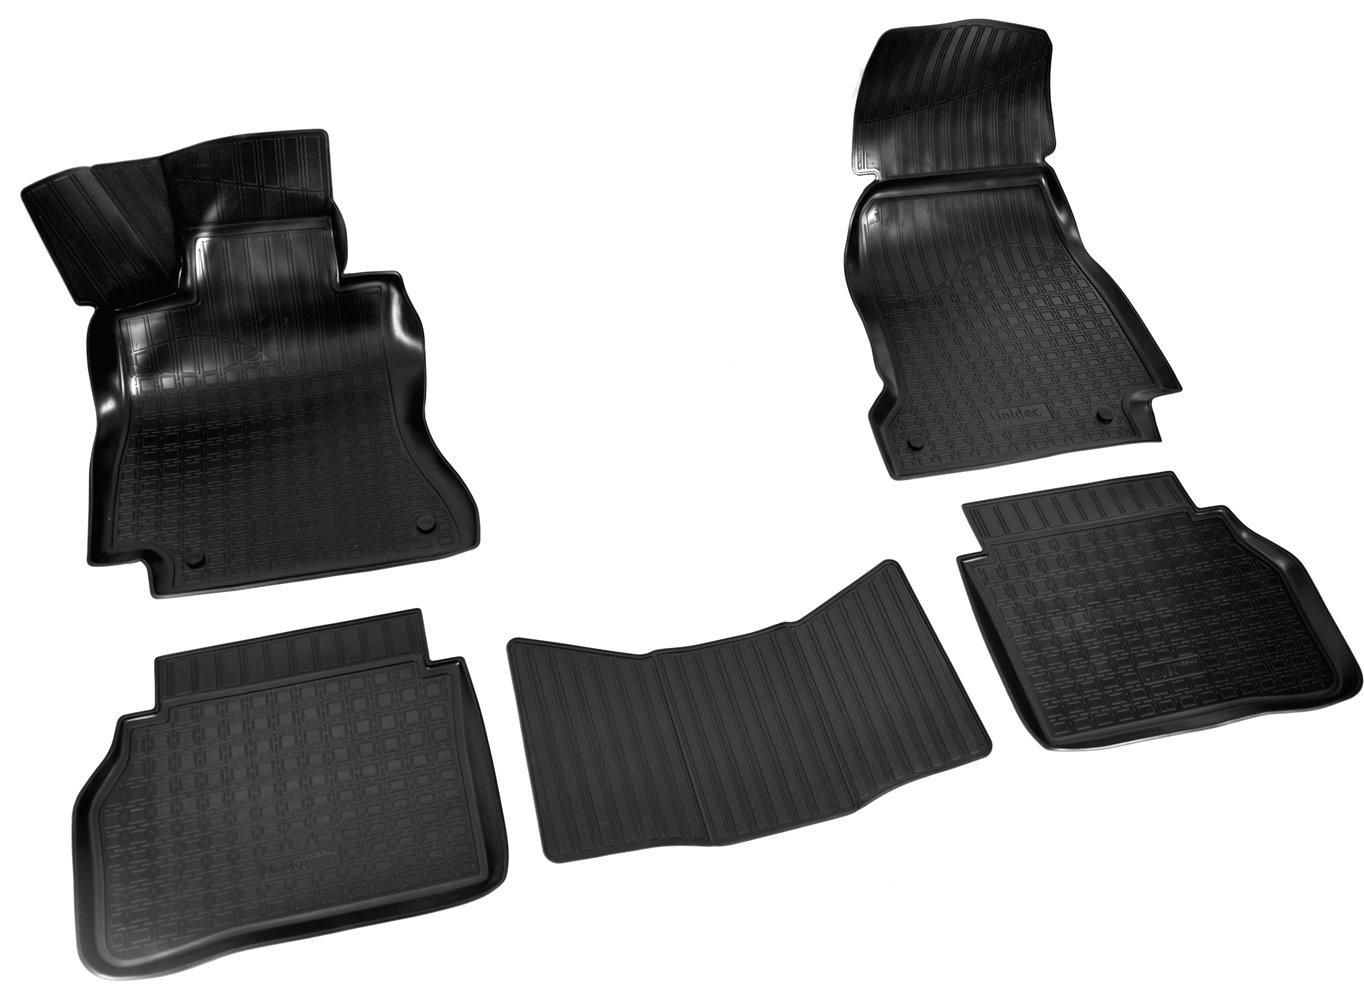 Коврики в салон автомобиля Norplast для Mercedes-Benz E (W213) (SD) 3D (2016), NPA11-C56-410, черный недорго, оригинальная цена